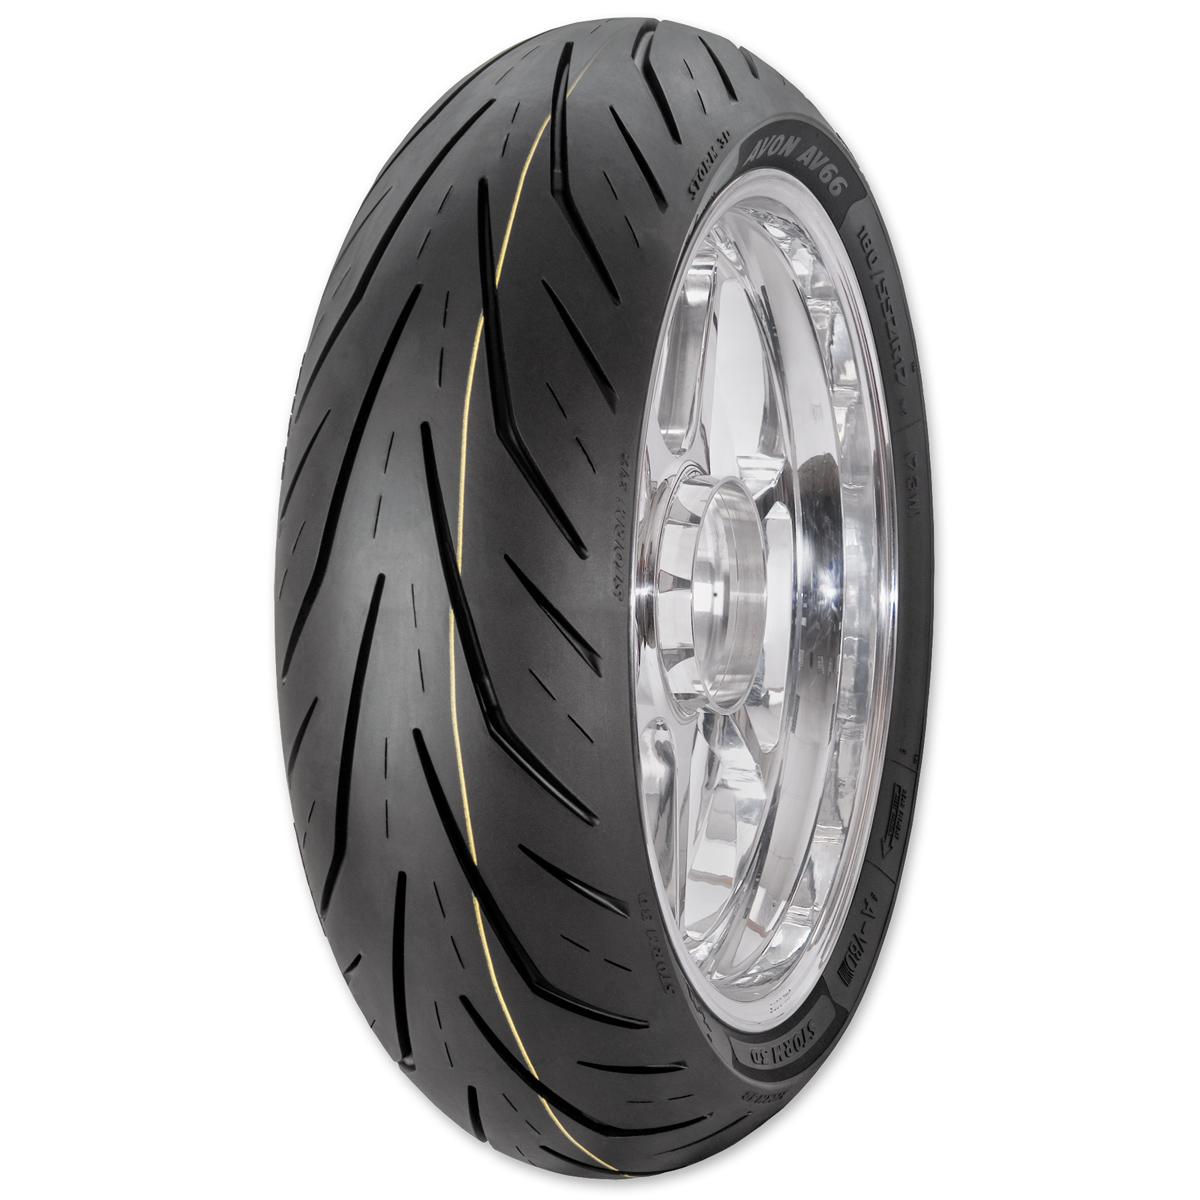 Avon AV66 Storm 3D XM 190/55ZR17 Rear Tire